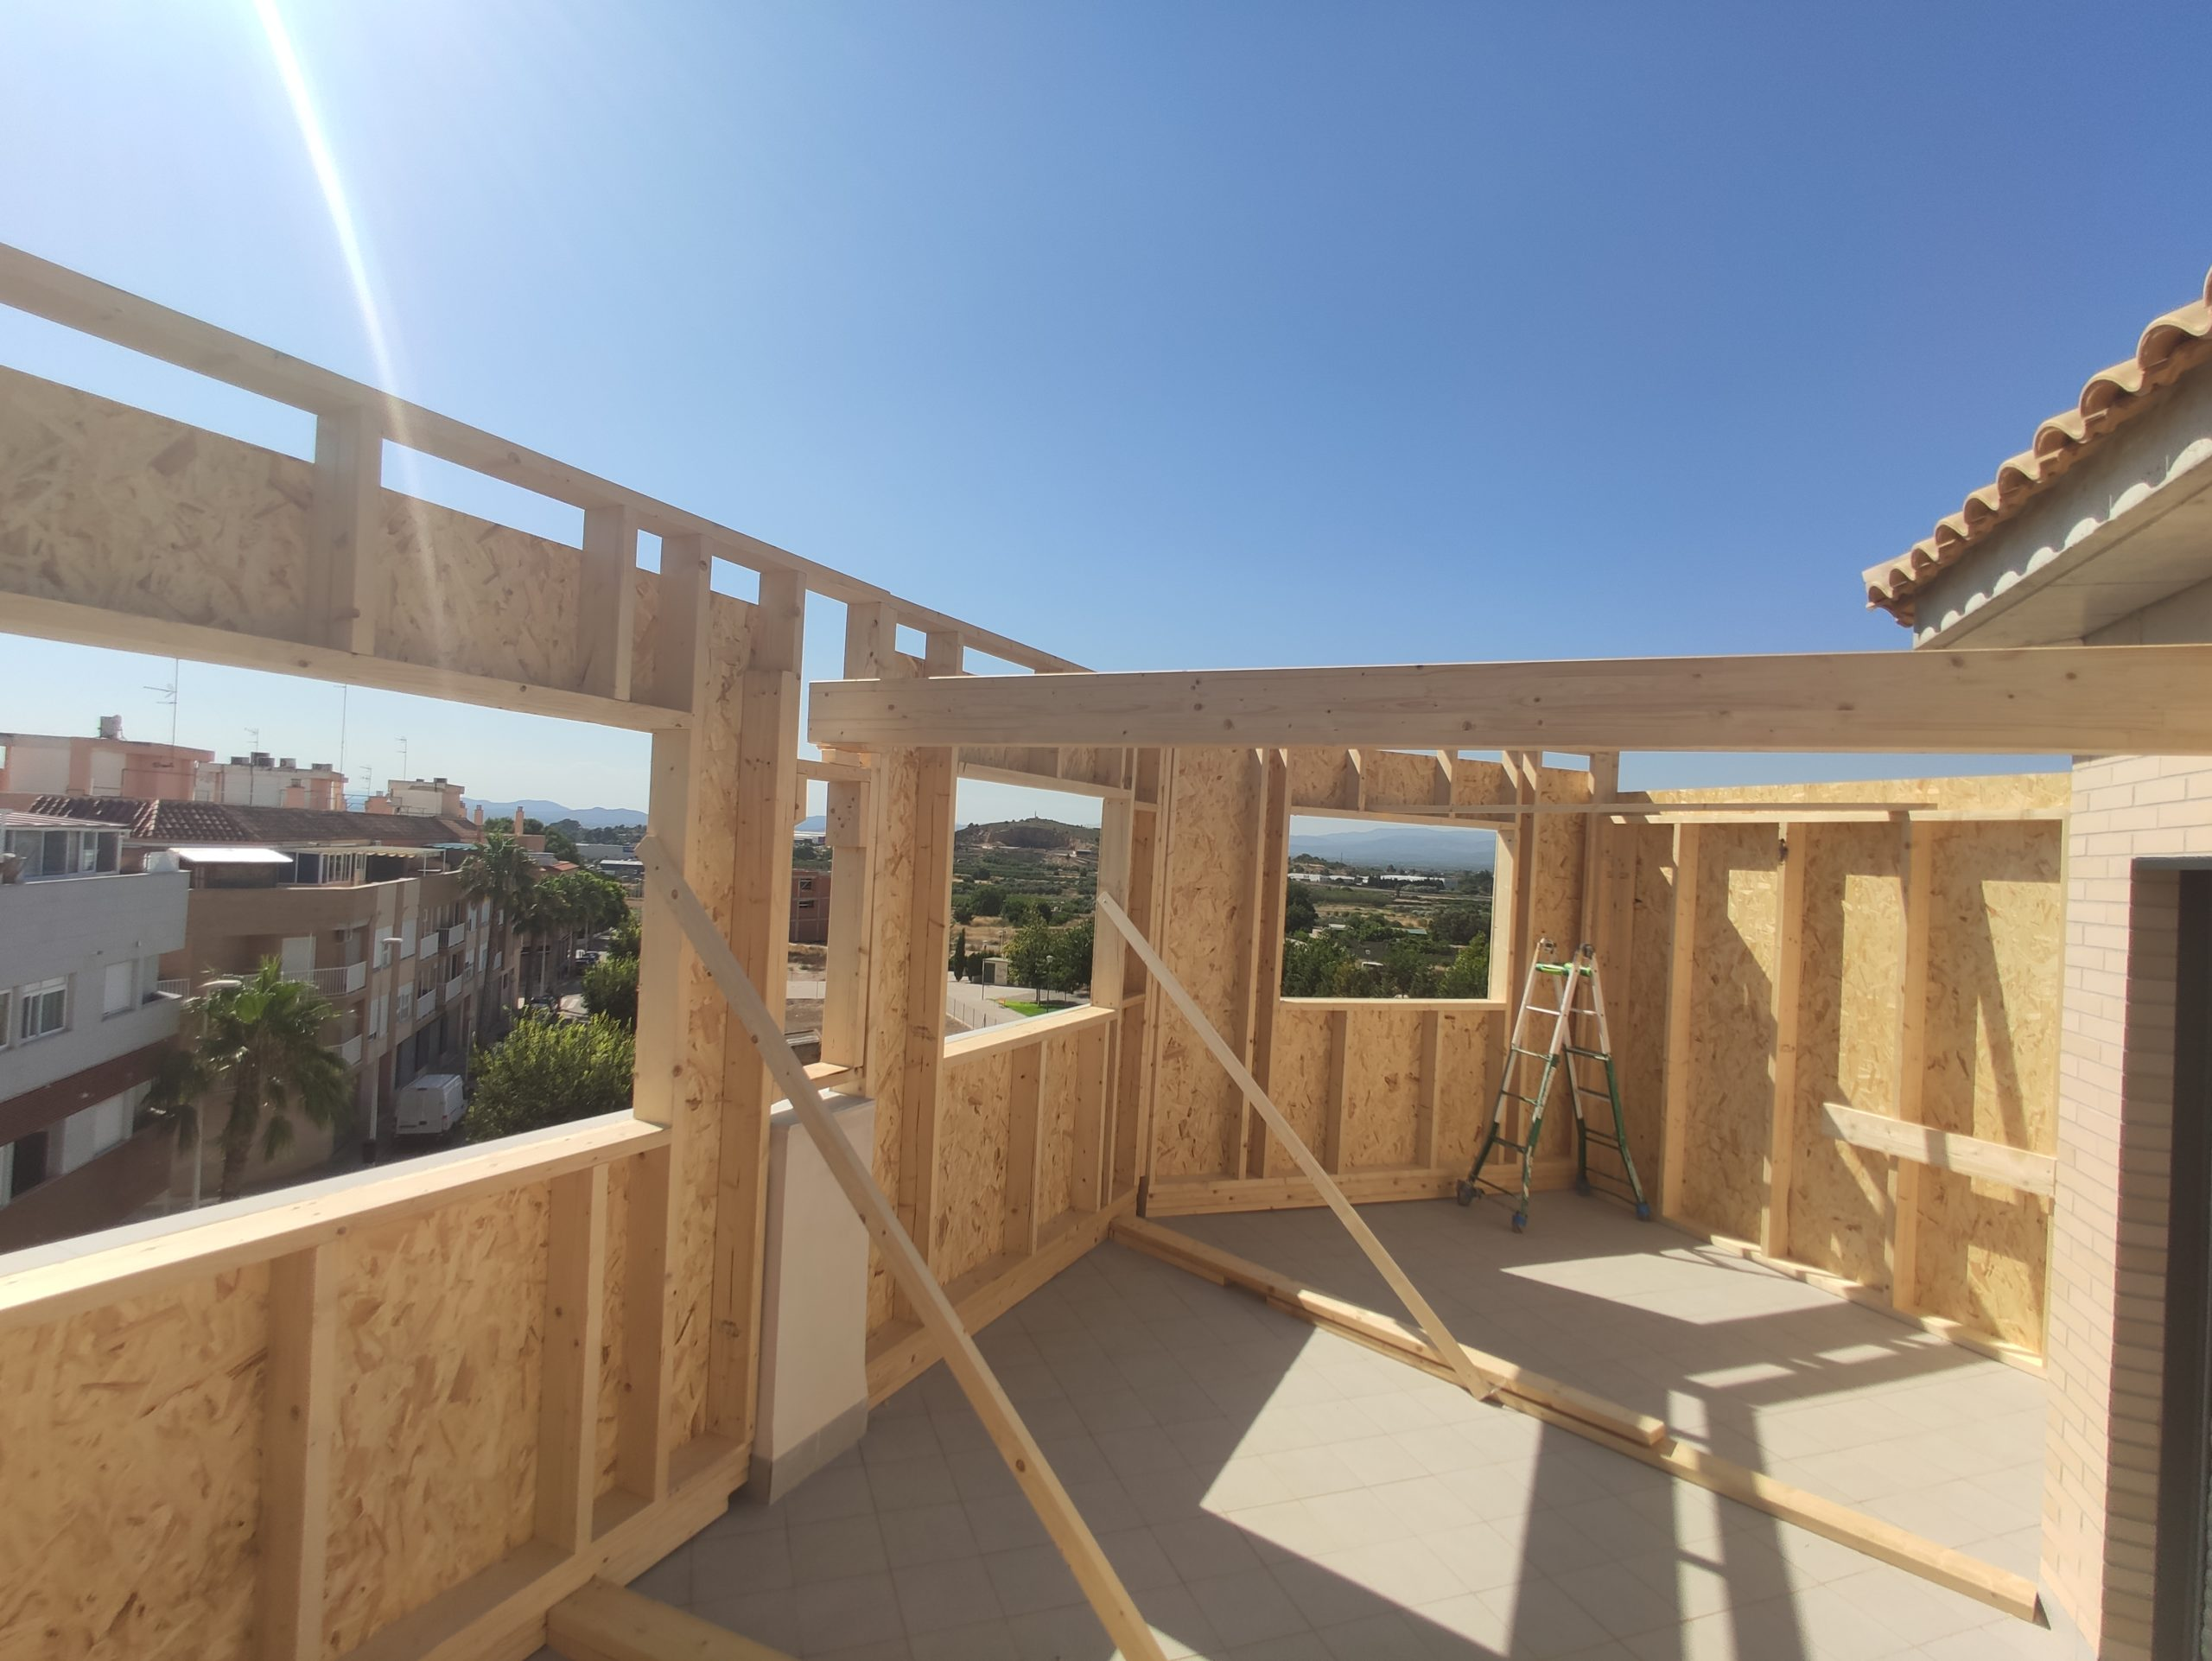 Ventajas de construir una casa de madera